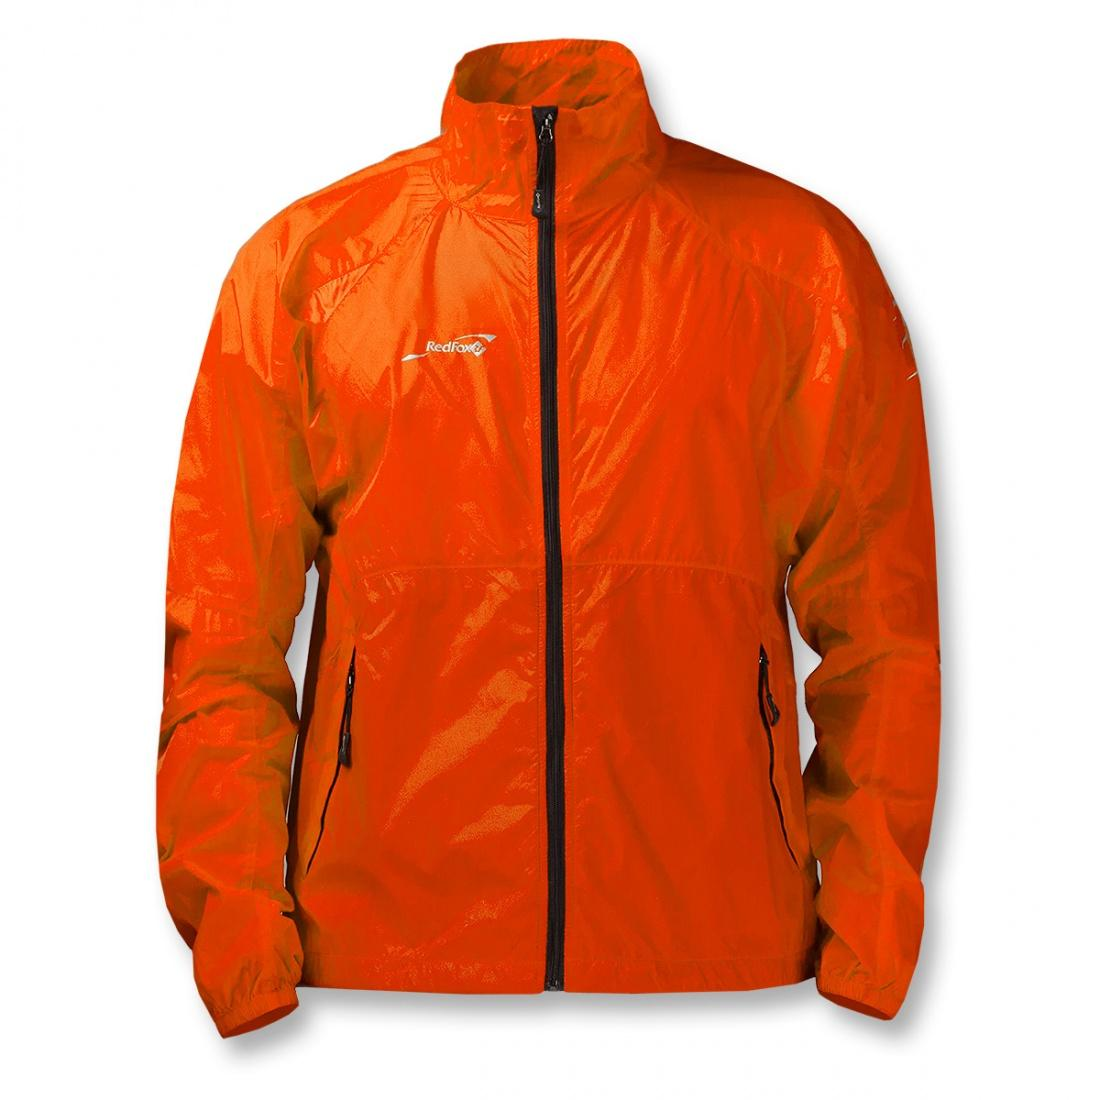 Куртка ветрозащитная Trek Light IIКуртки<br><br> Очень легкая куртка для мультиспортсменов. Отлично сочетает в себе функции защиты от ветра и максимальной свободы движений. Куртку можно компактно упаковать в карман, расположенный на спине.<br><br><br> Особенности:<br><br><br>Два бо...<br><br>Цвет: Оранжевый<br>Размер: 52